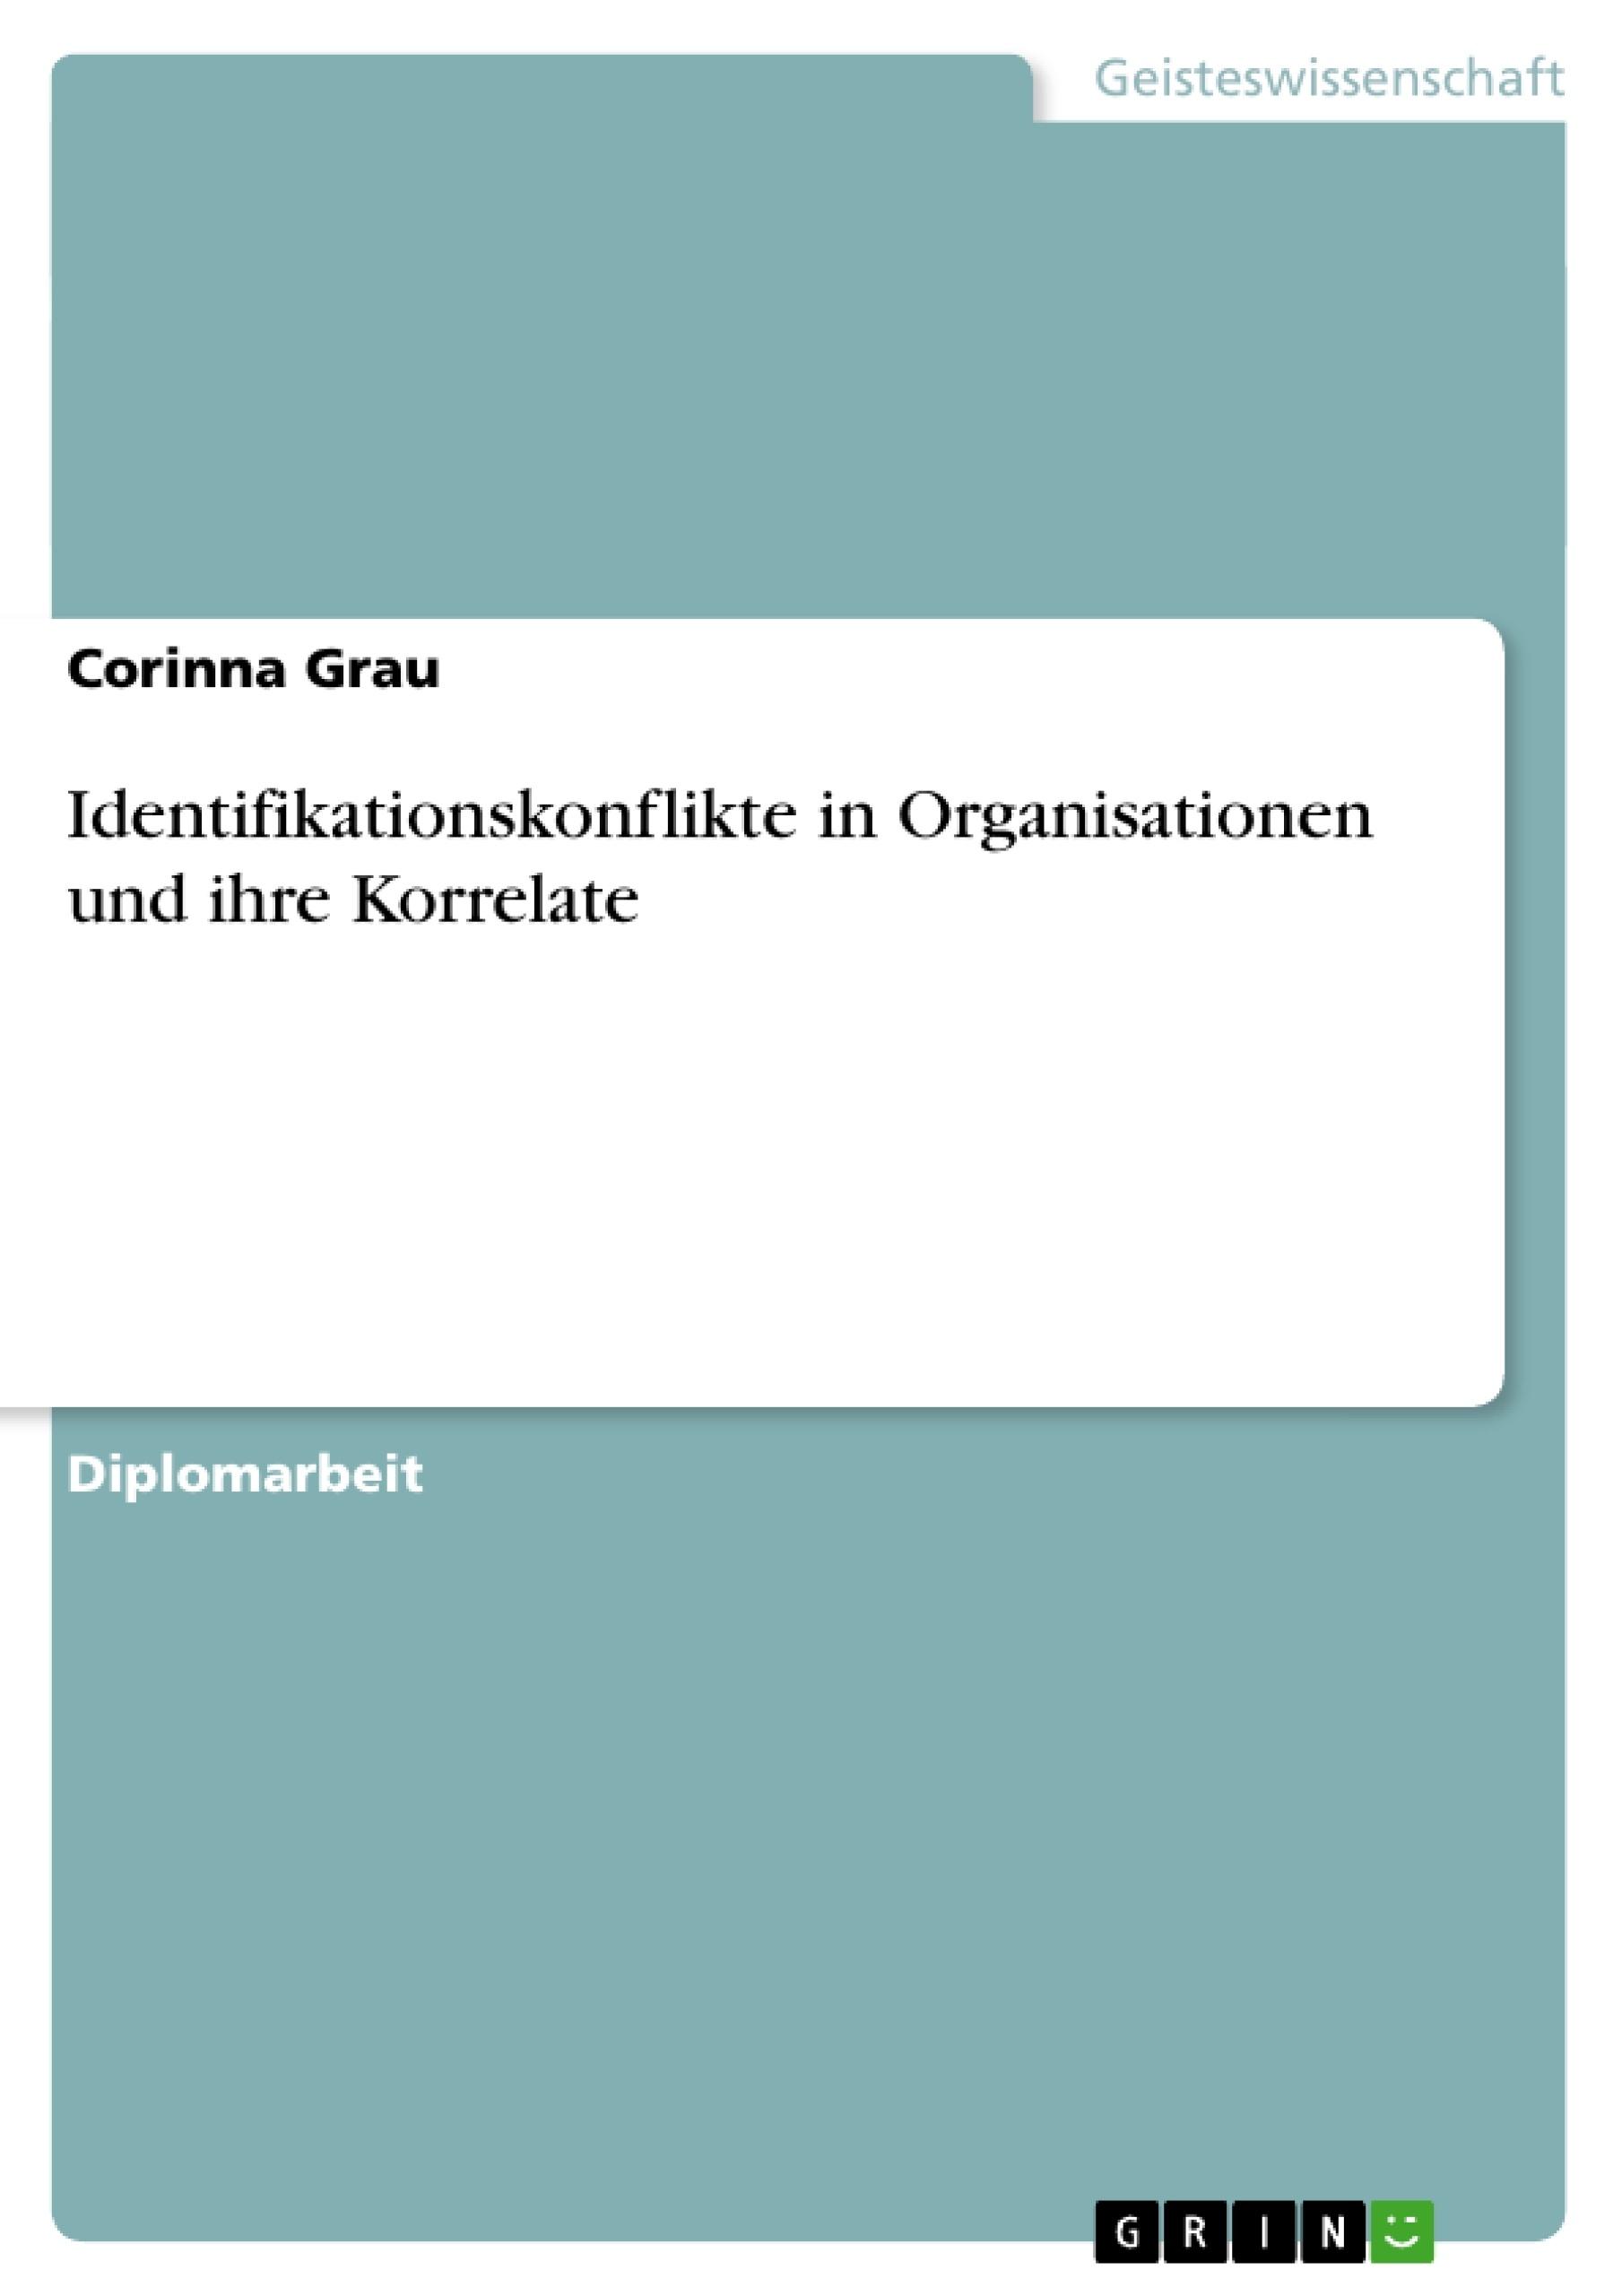 Titel: Identifikationskonflikte in Organisationen und ihre Korrelate